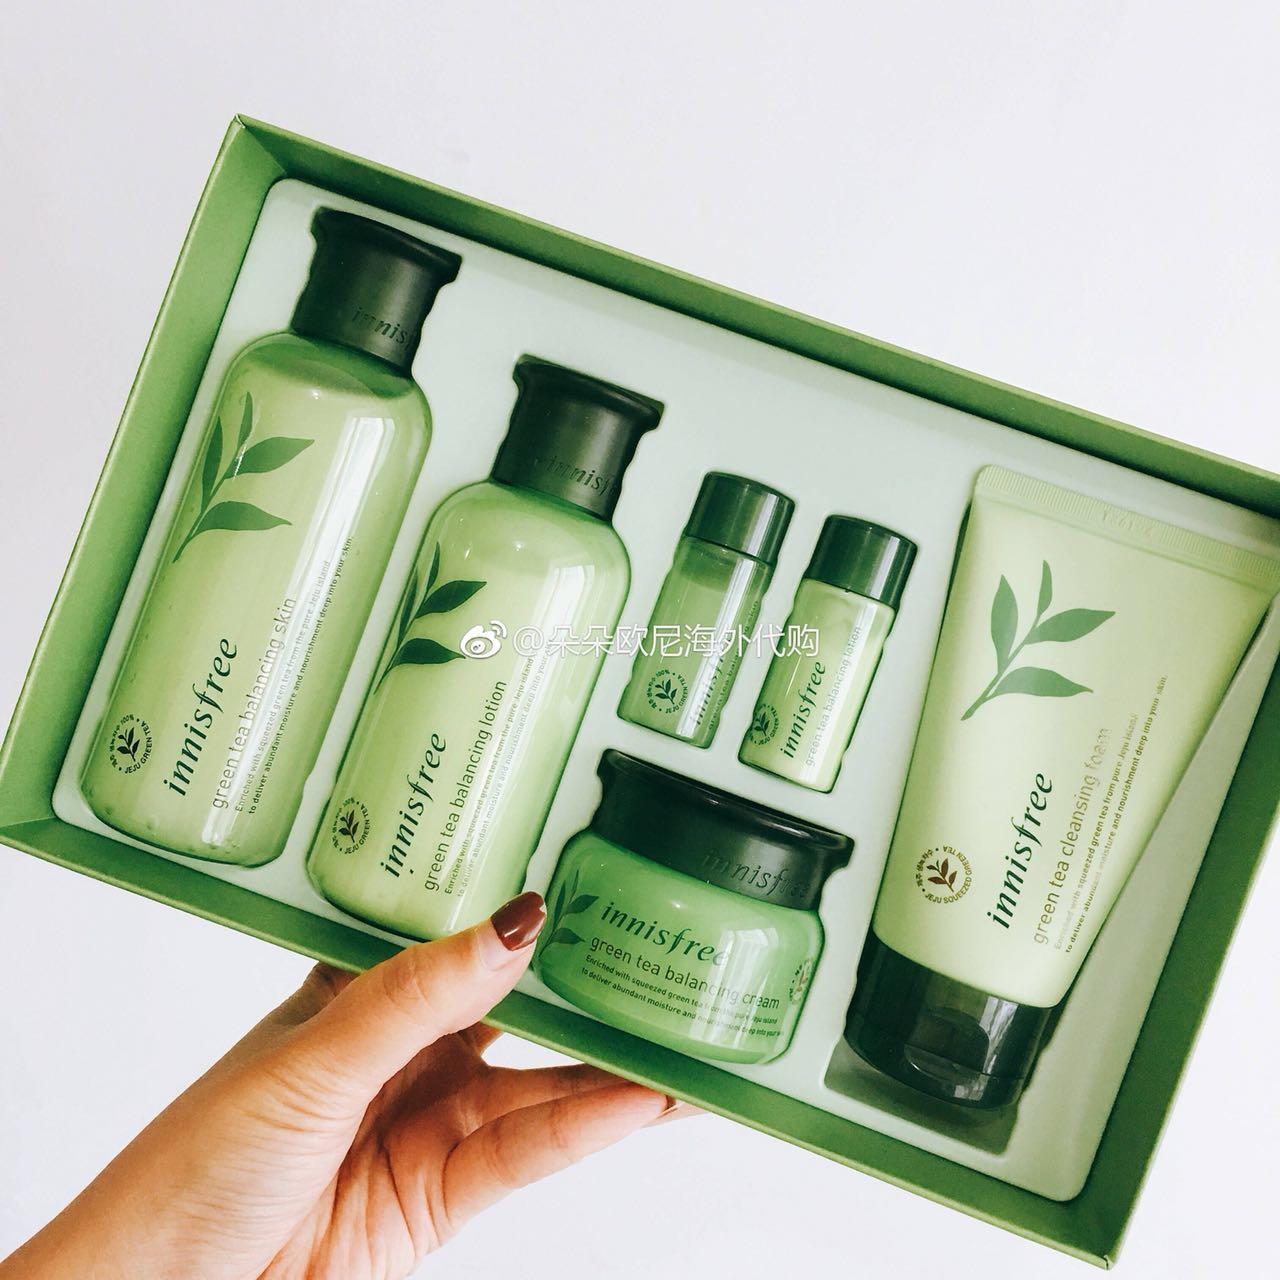 韩国innisfree悦诗风吟绿茶平衡护肤水乳面霜洗面奶四件套盒补水